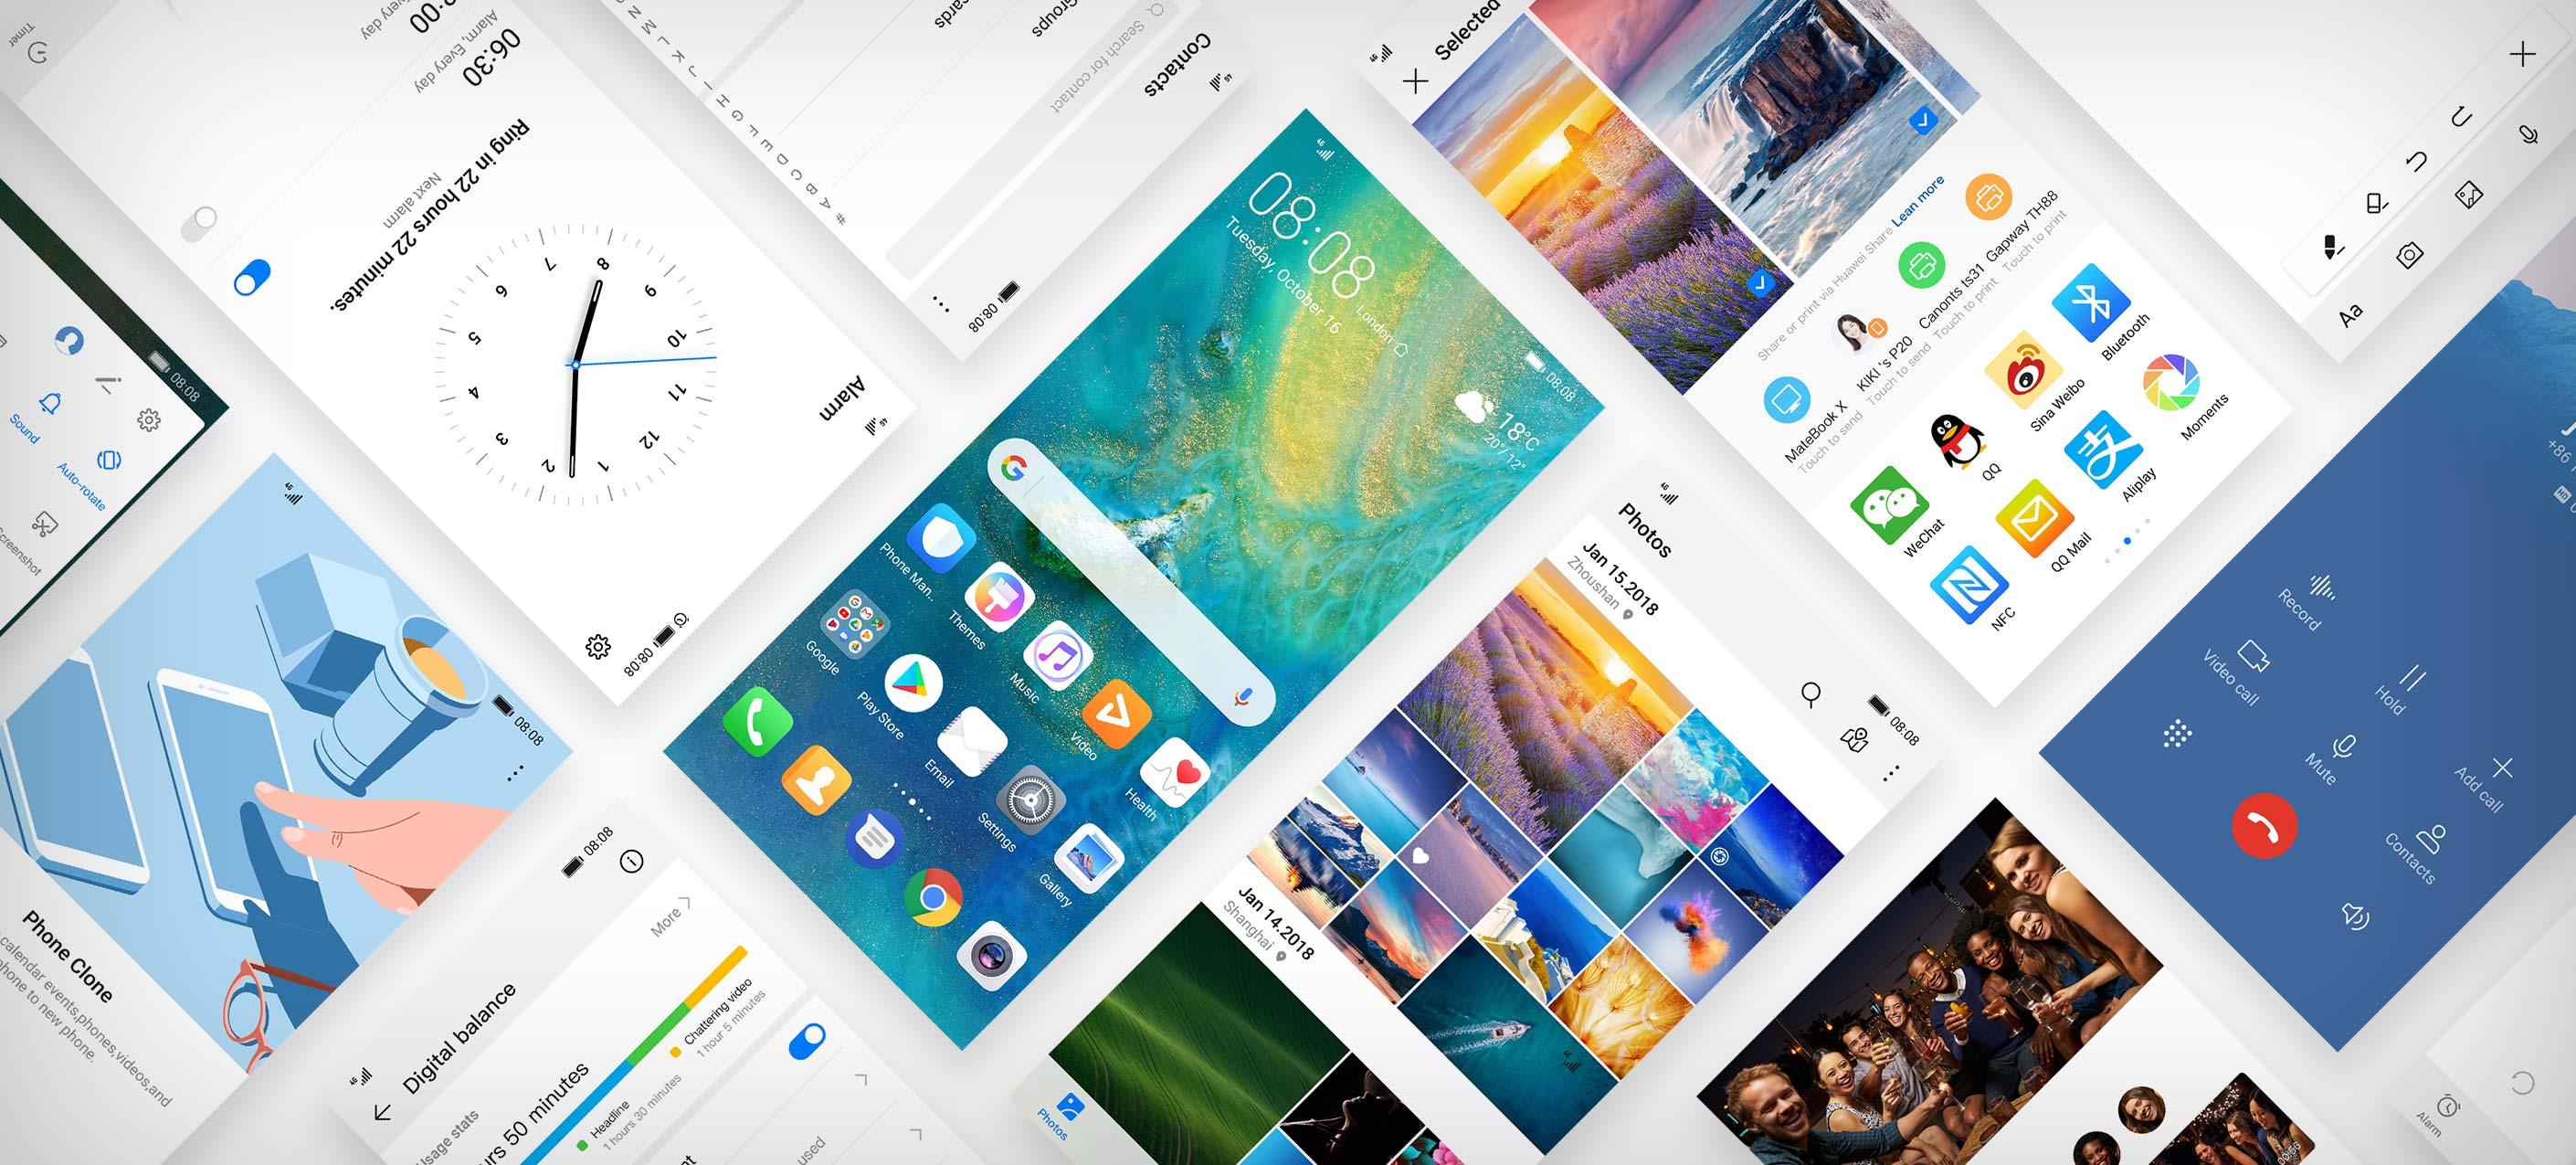 Phone Clone, la app para transferir info de un teléfono a otro | Huawei